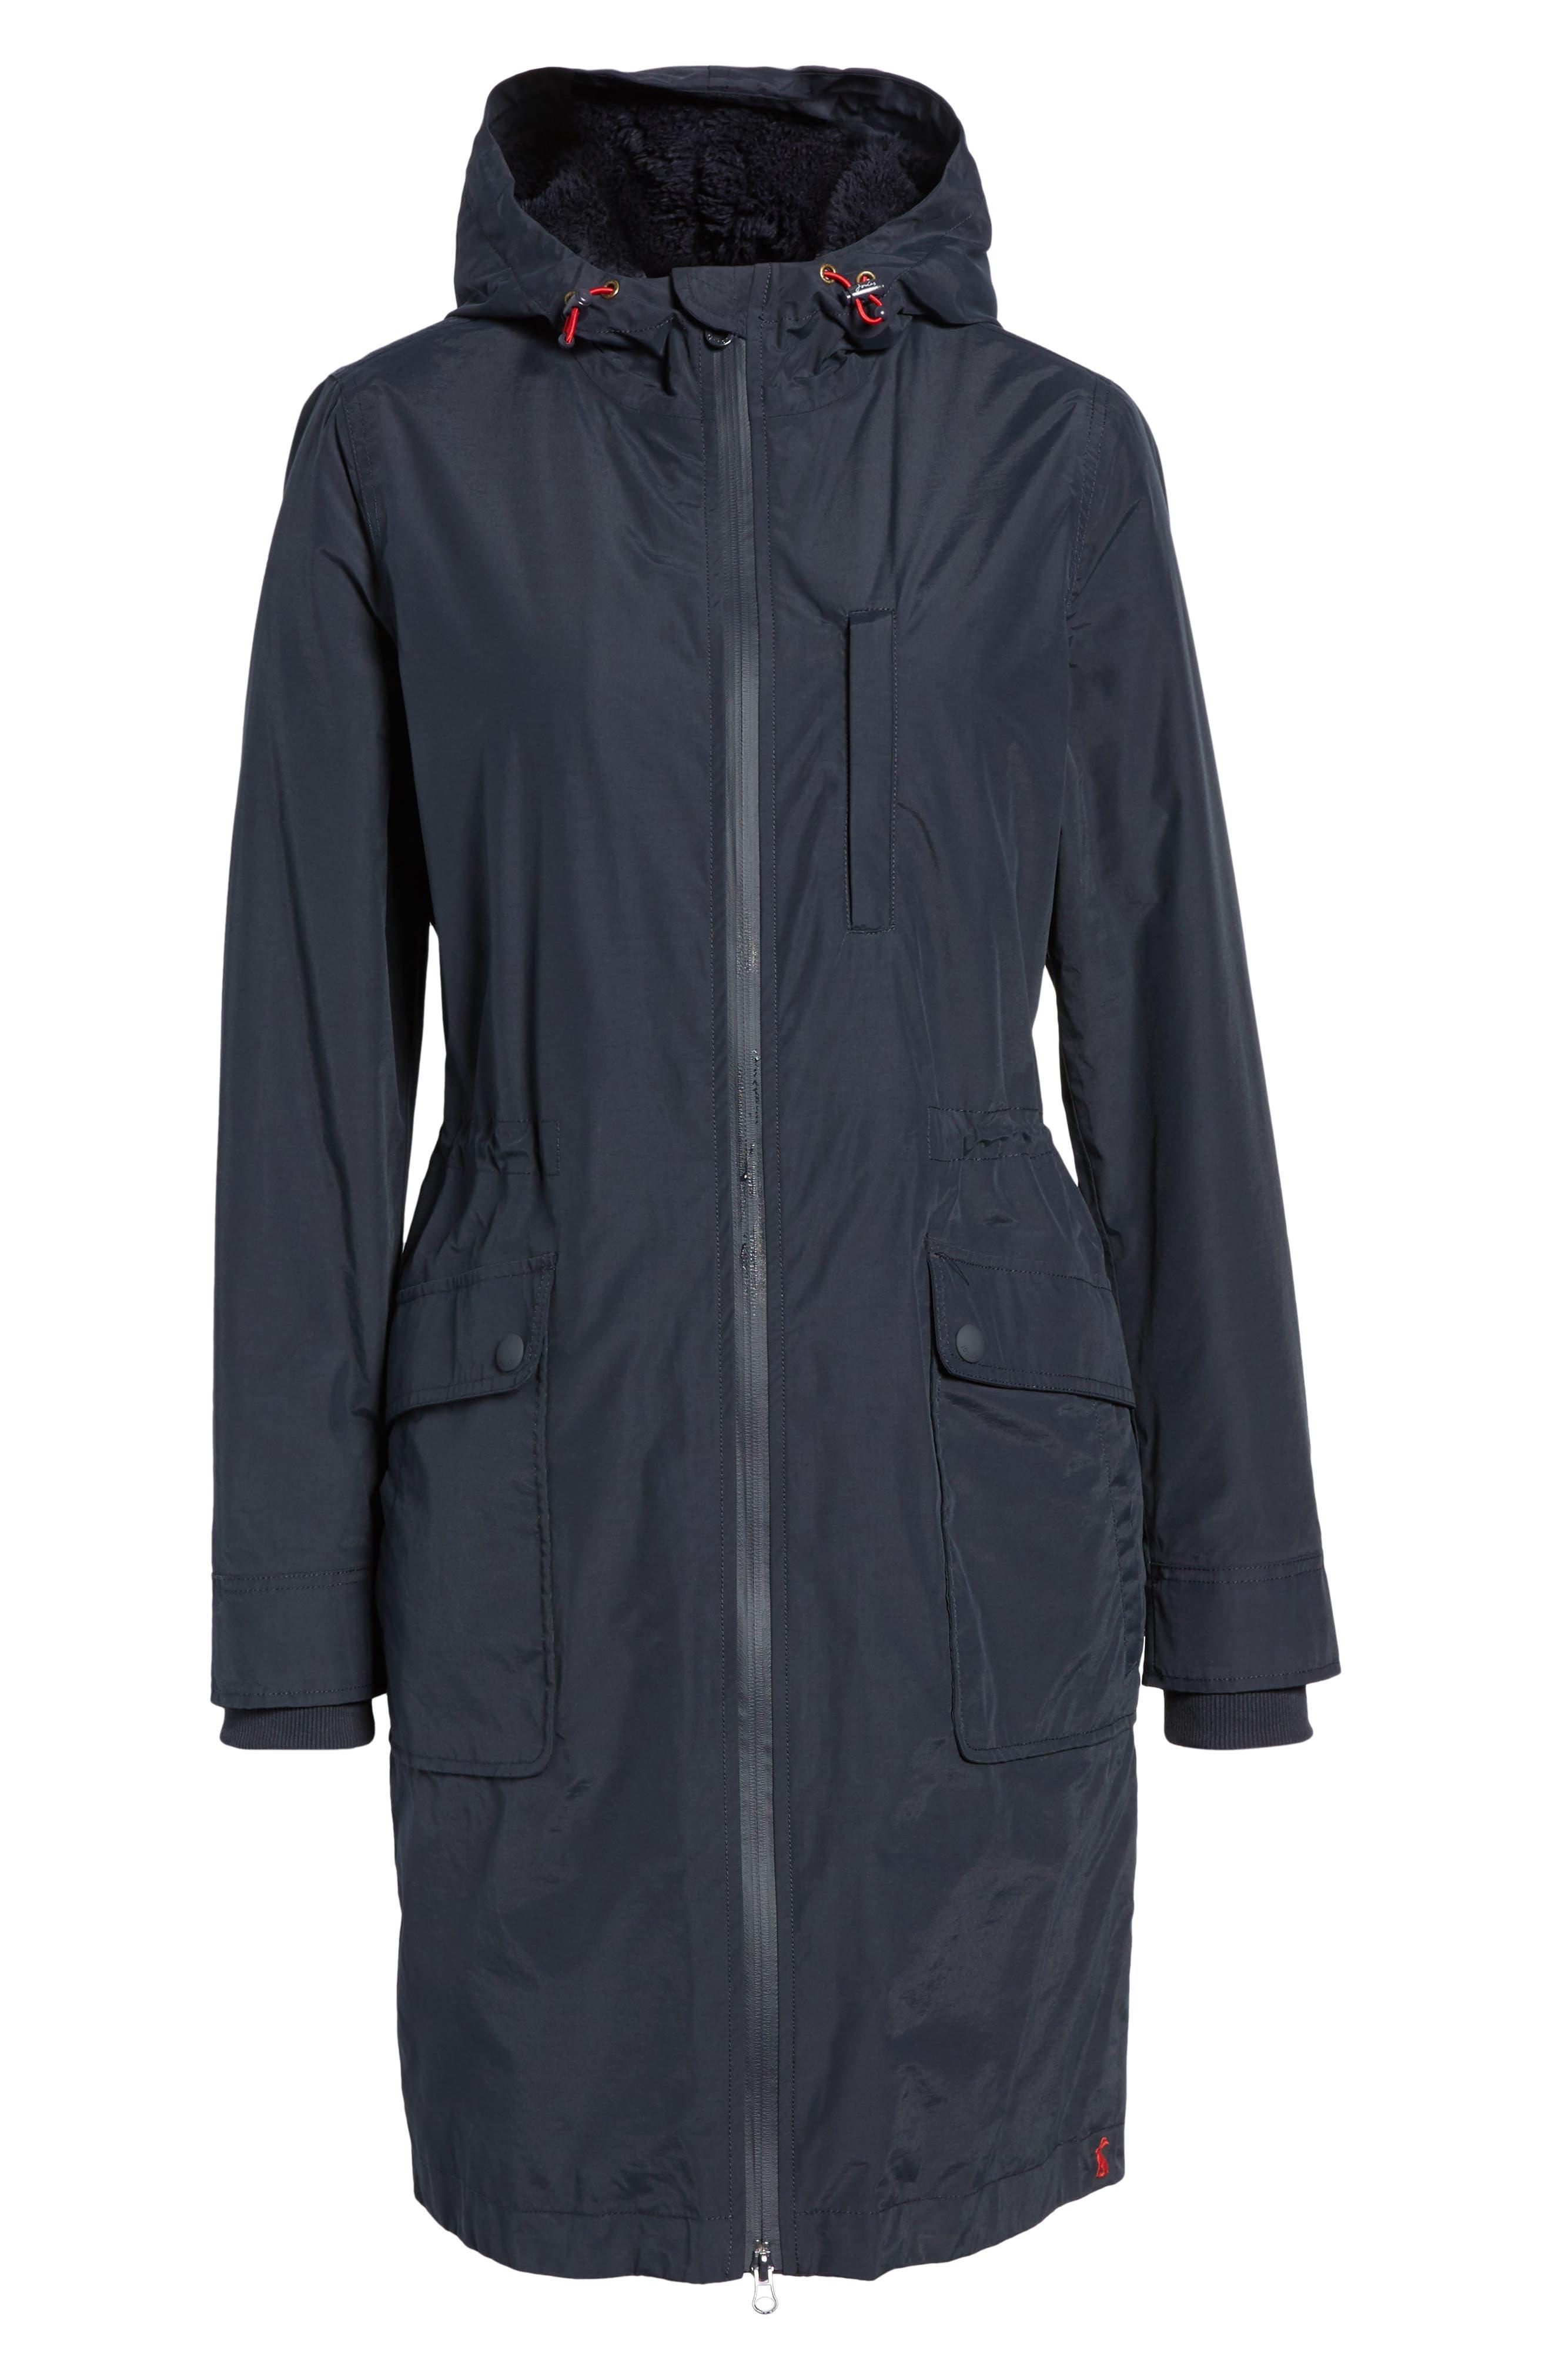 Hooded Fleece Lined Raincoat,                             Alternate thumbnail 5, color,                             410